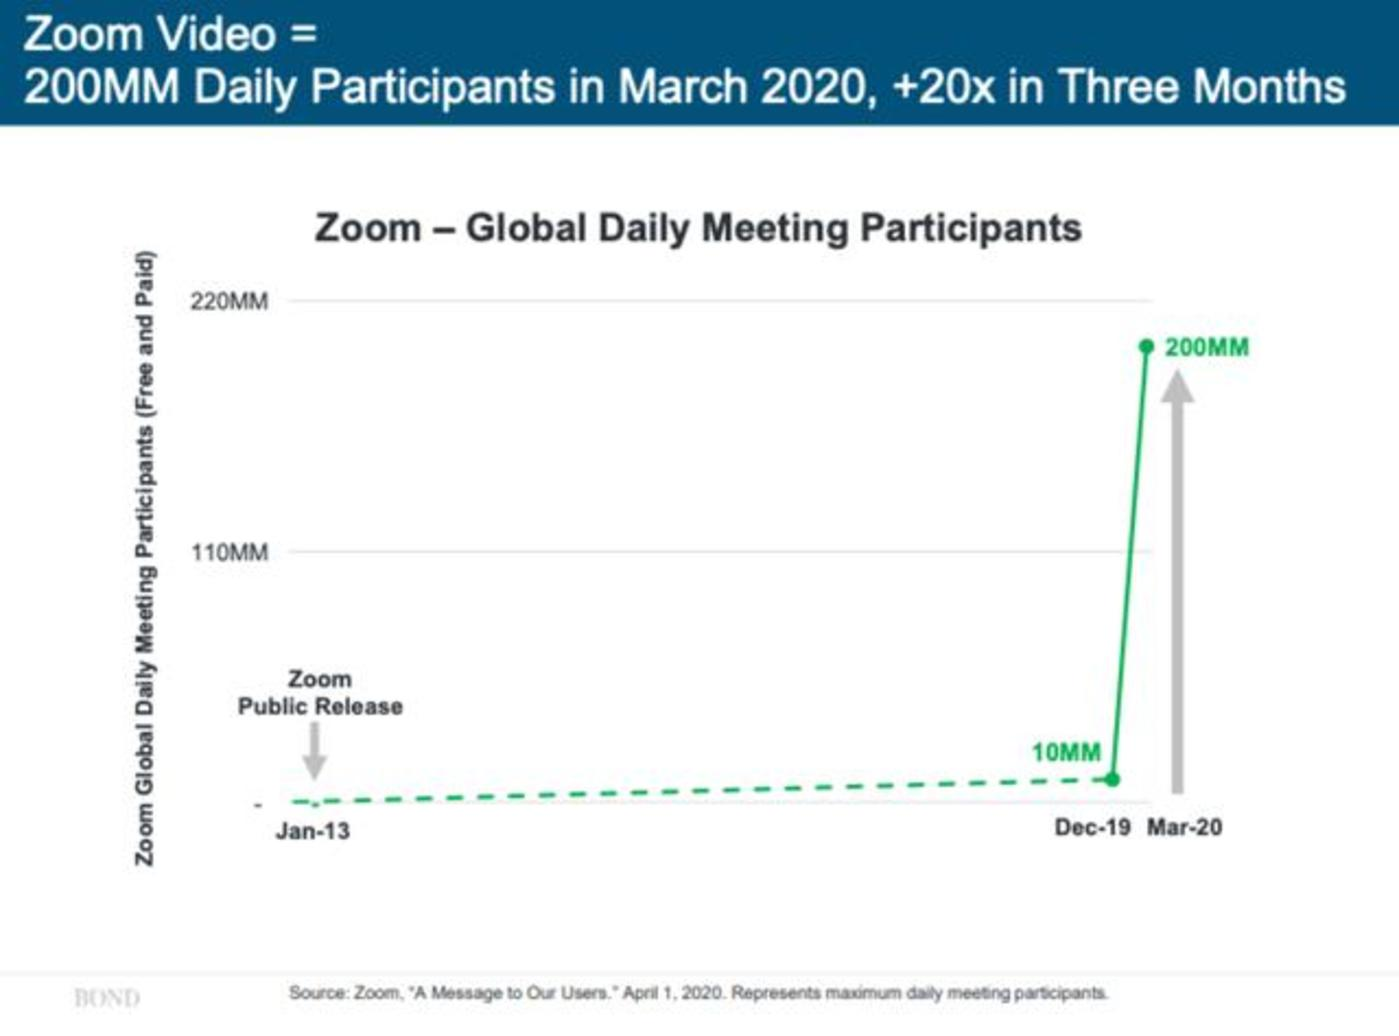 图源:Bond Capital 《2020互联网趋势报告》